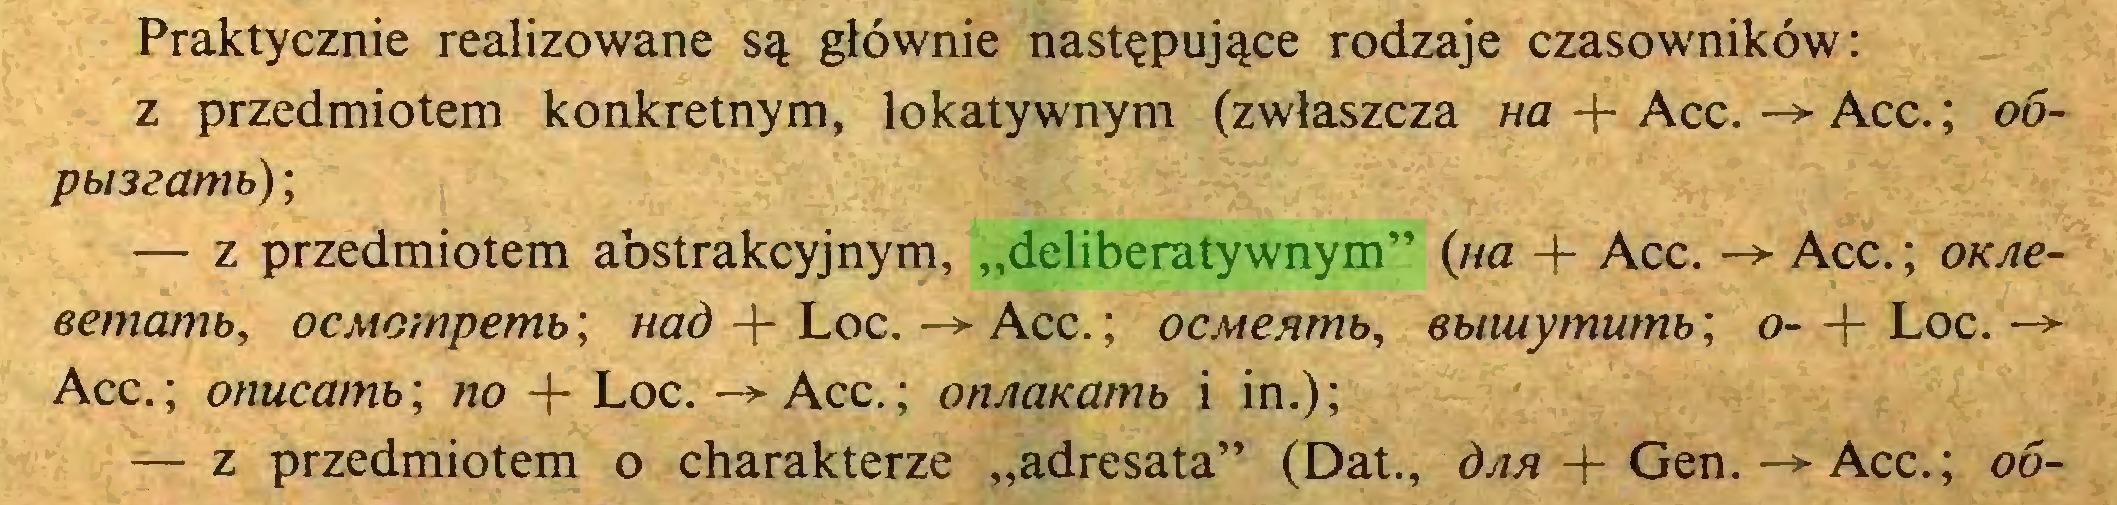 """(...) Praktycznie realizowane są głównie następujące rodzaje czasowników: z przedmiotem konkretnym, lokatywnym (zwłaszcza na + Acc. -> Acc.; 06pbmamb); — z przedmiotem abstrakcyjnym, """"deliberatywnym"""" (na + Acc. -> Acc.; OKAeeemamb, ocMompemb; nad + Loc. Acc.; ocMenmb, ebiiuymumb', o- + Loc. -> Acc.; onucamb; no + Loc. -> Acc.; onAaKamb i in.); — z przedmiotem o charakterze """"adresata"""" (Dat., óah + Gen. -3- Acc.; 06..."""